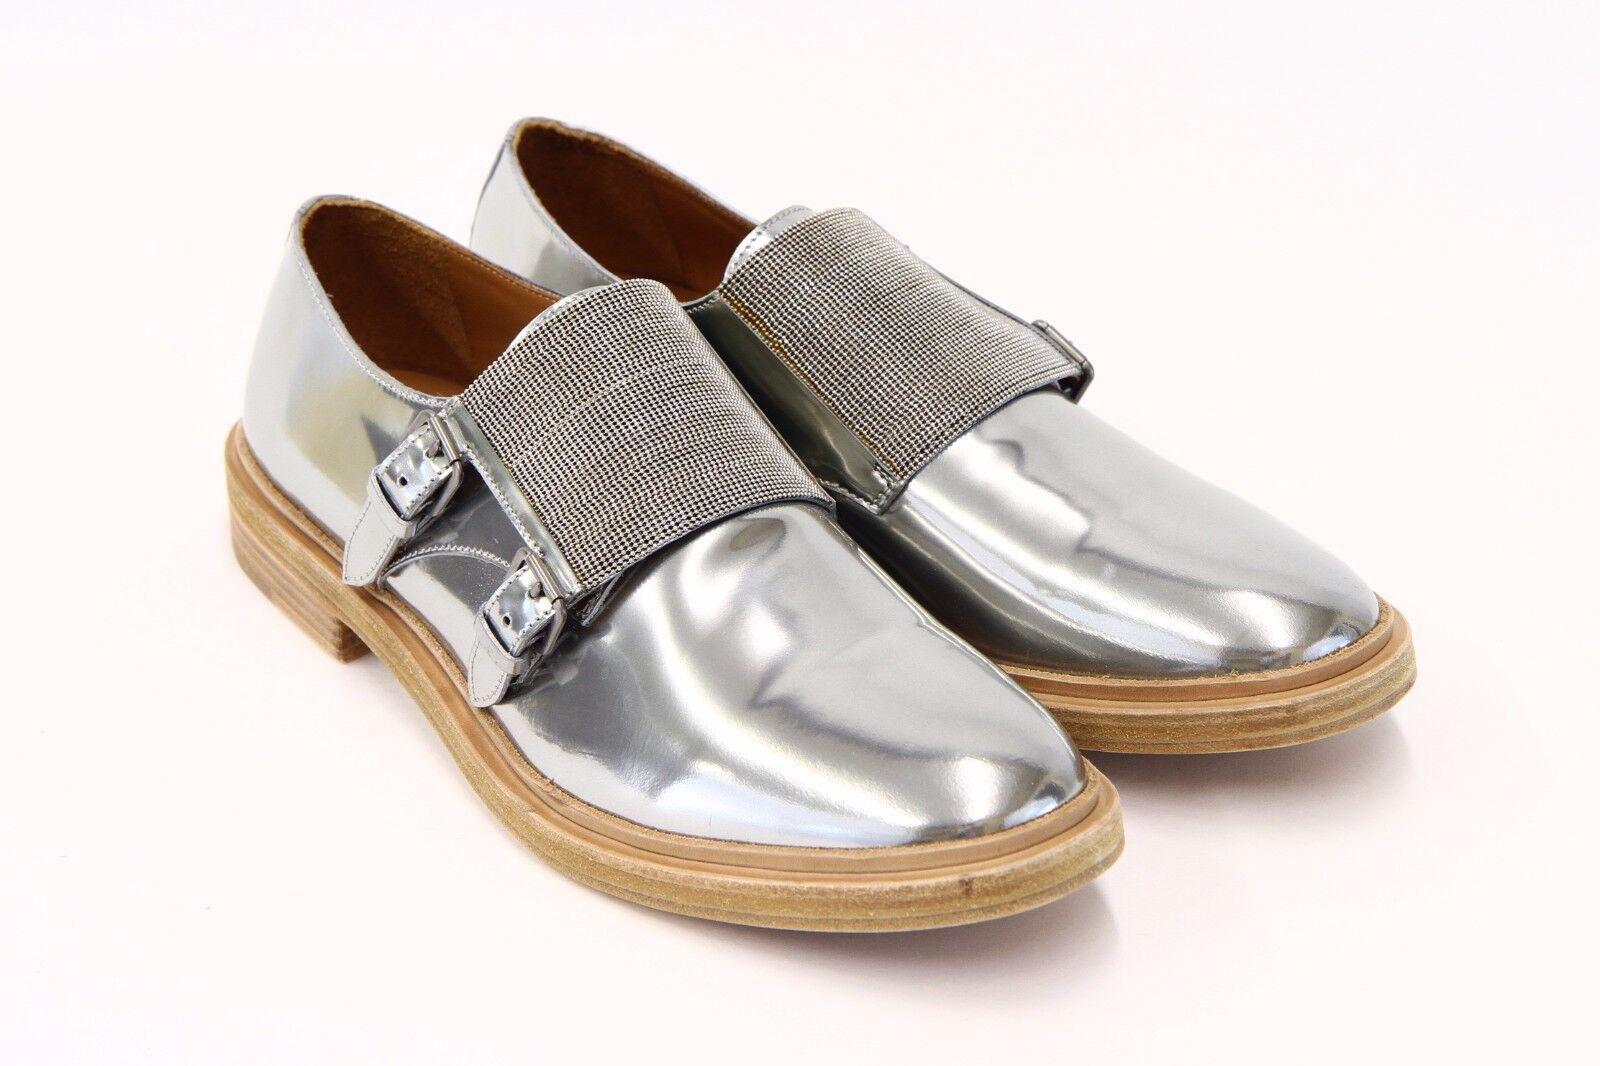 consegna gratuita e veloce disponibile NWOB 1995 Brunello Brunello Brunello Cucinelli Chrome Leather Monili Double Monk scarpe 40 10US A176  a prezzi accessibili